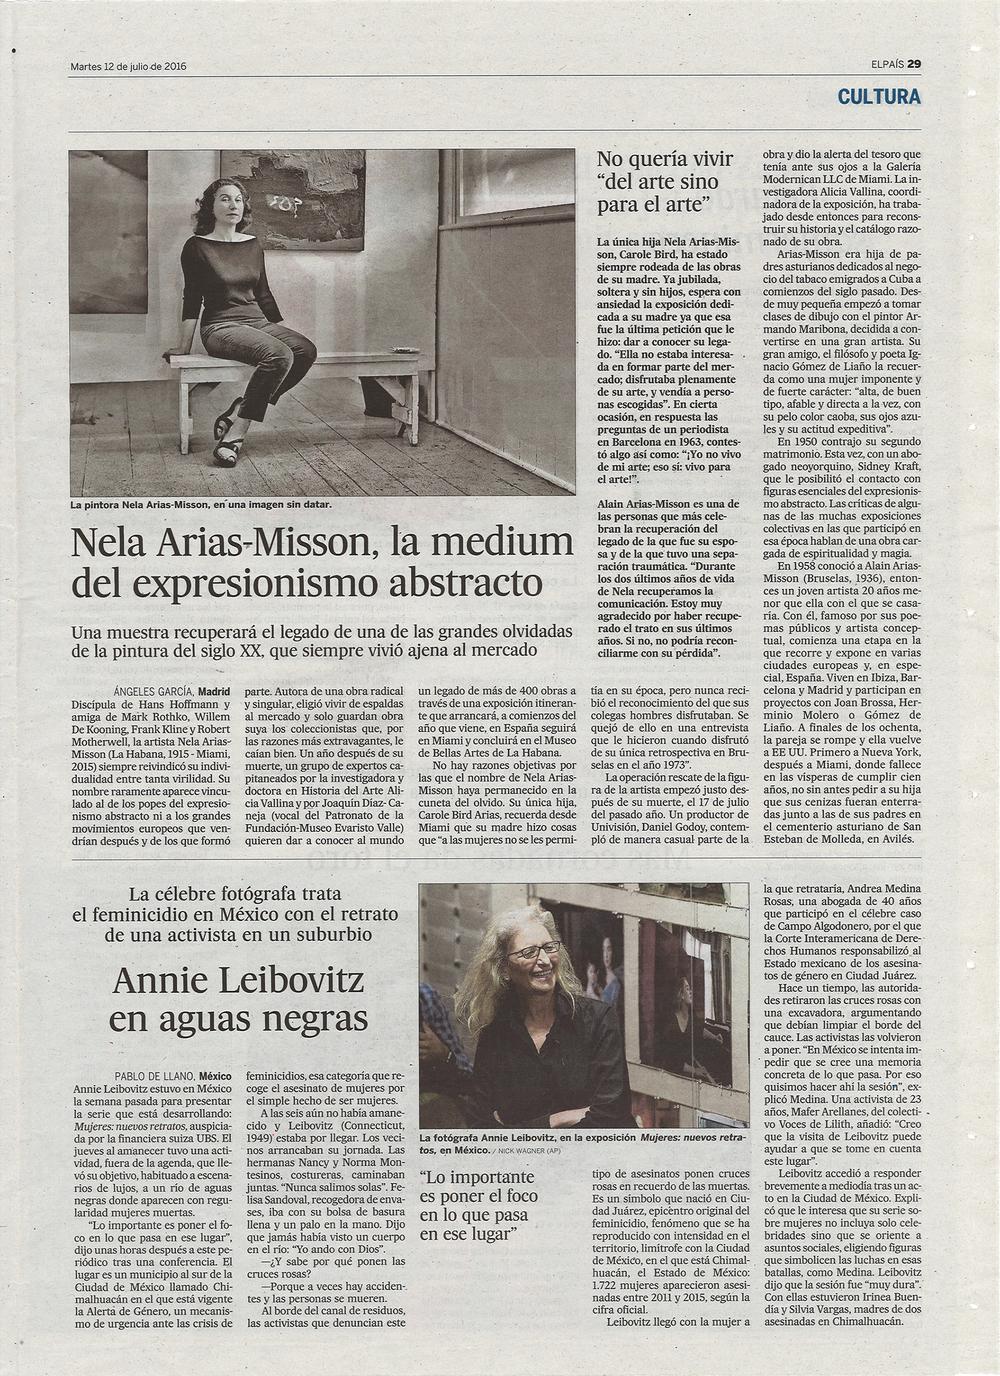 Article in EL PAIS July 12, 2016